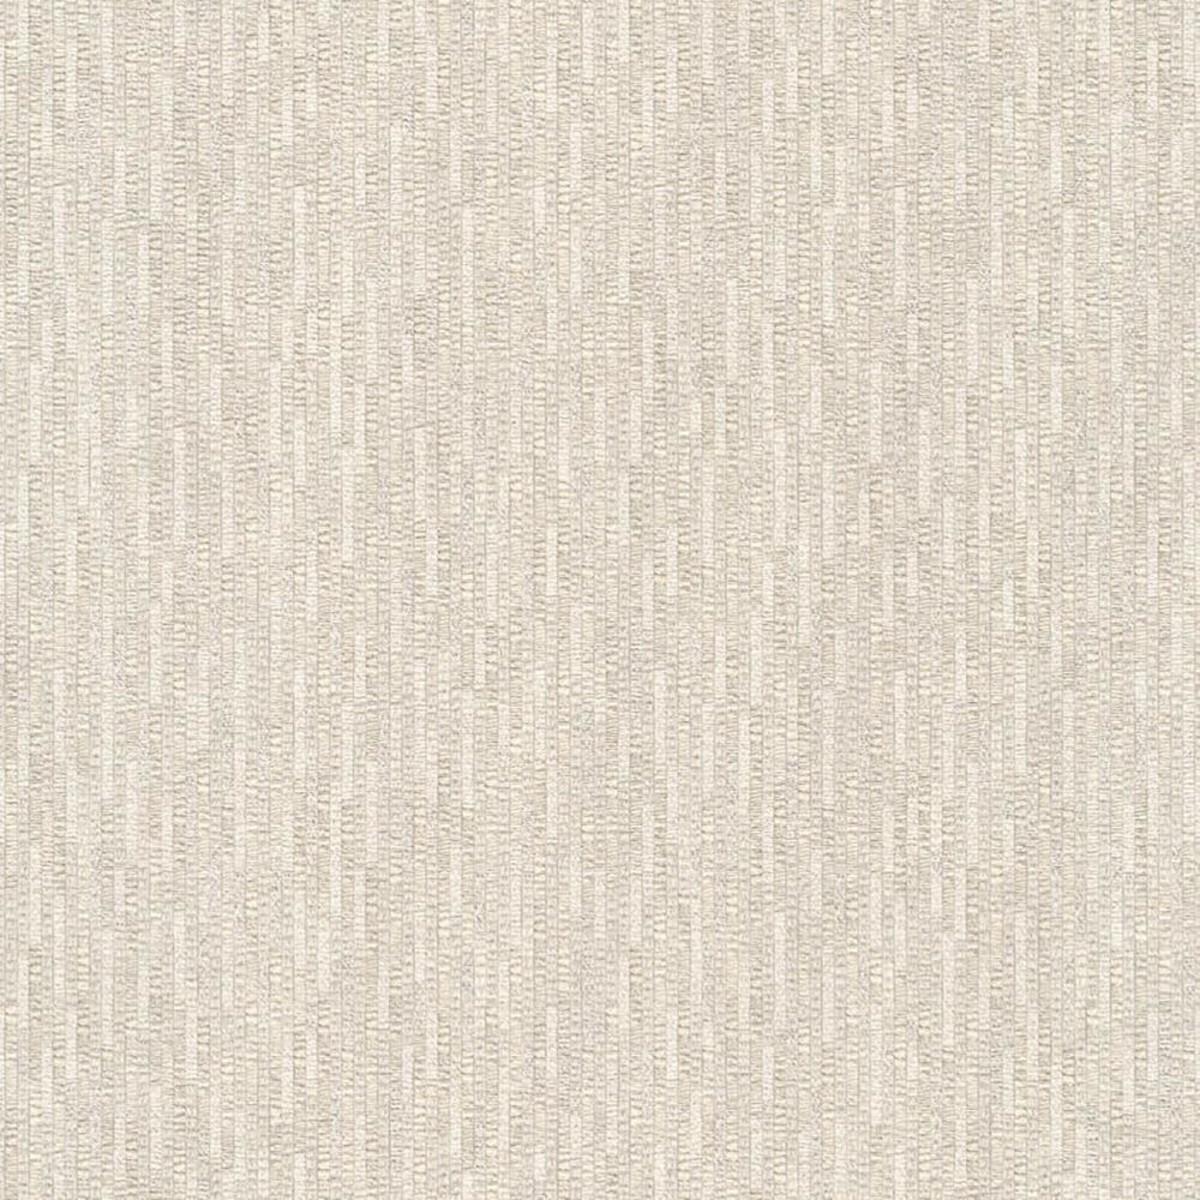 Обои флизелиновые Grandeco Nuances серые 0.53 м NU1403